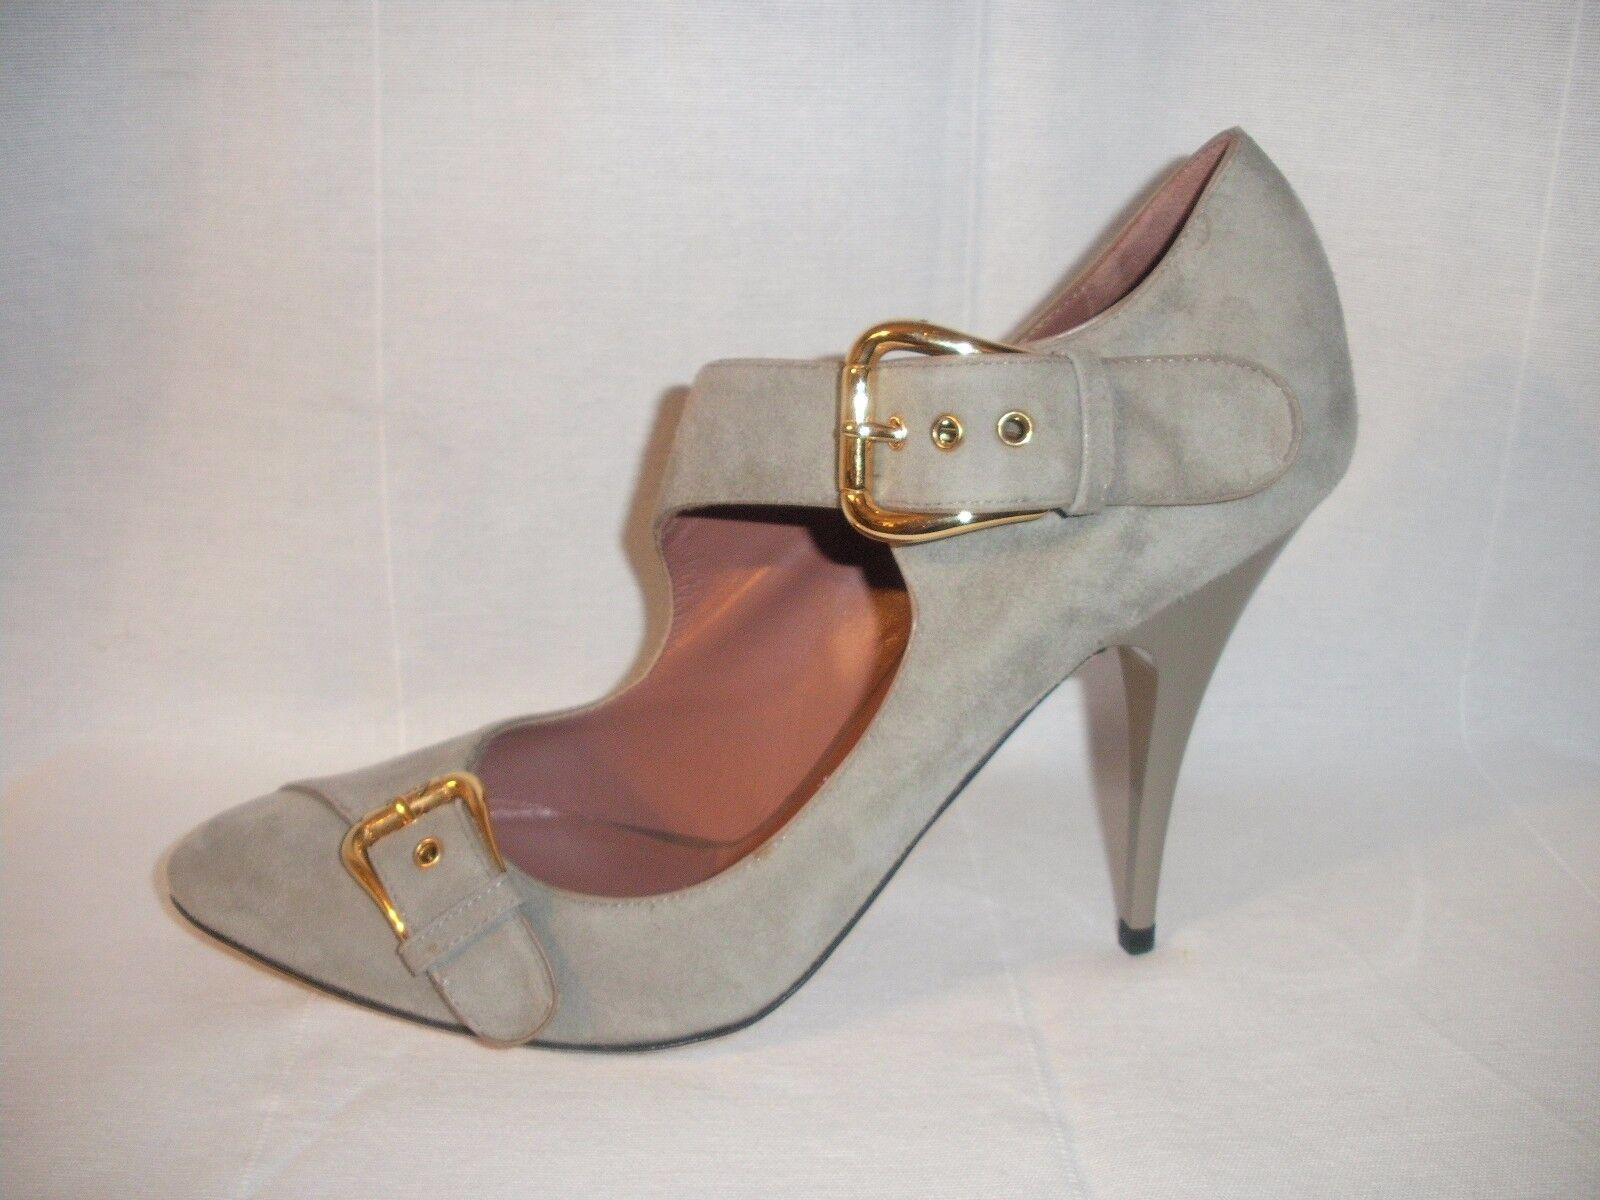 GIUSEPPE ZANOTTI Pumps Damen Schuhe Echt Leder 100% Original Lederschuhe Gr.37